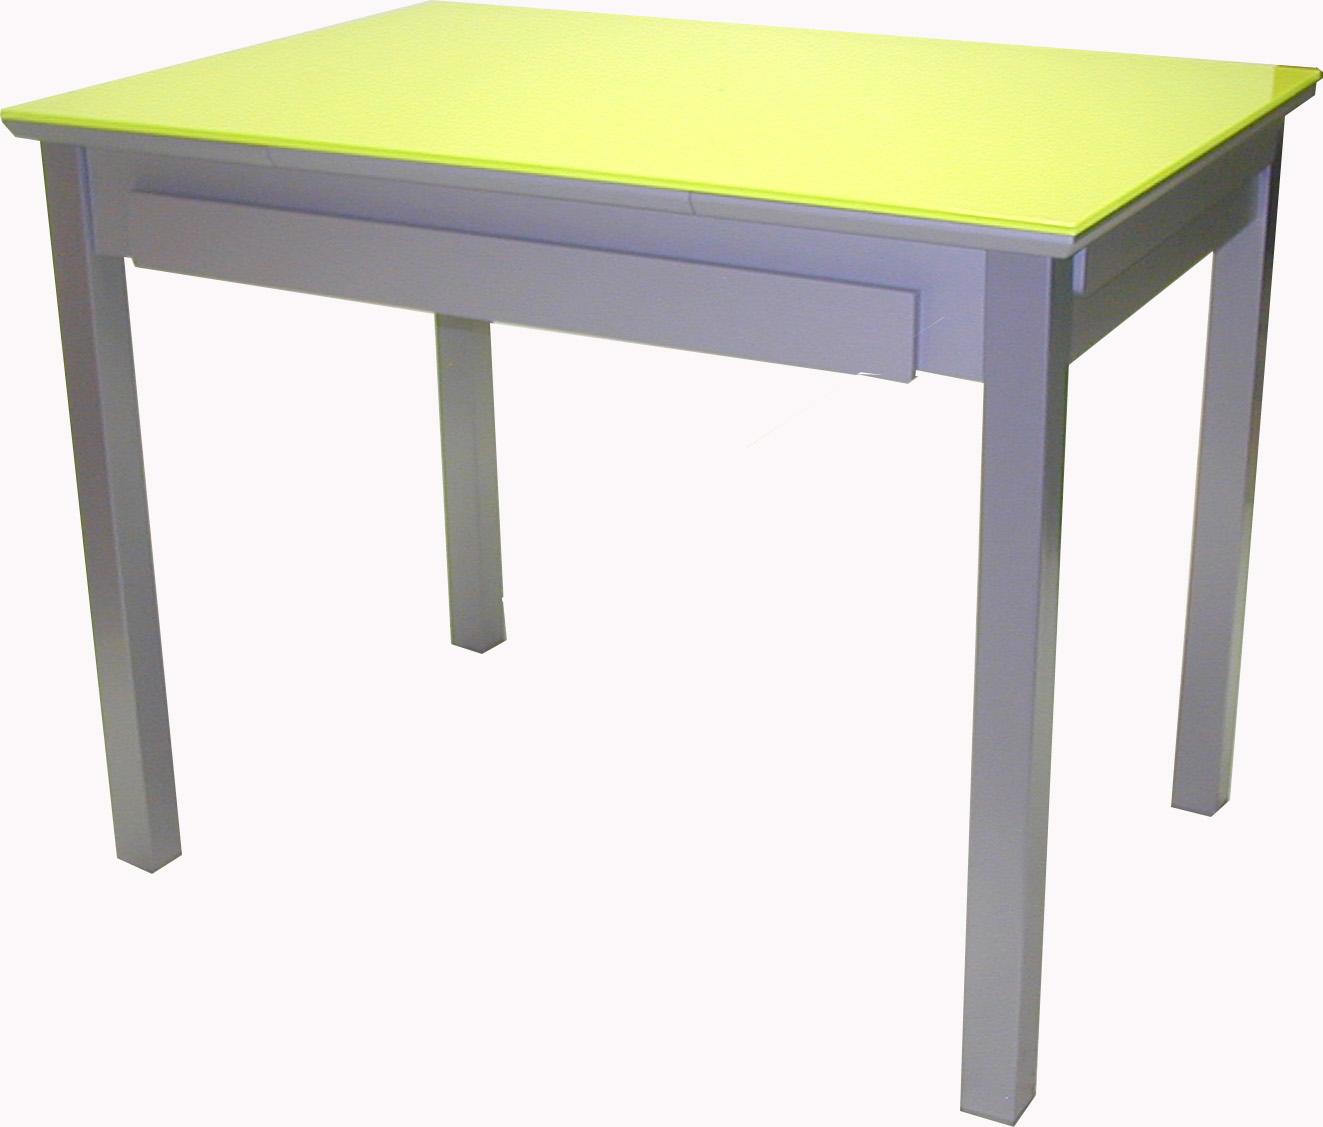 Mesa cocina redonda extensible good mesa cocina redonda for Mesa cocina extensible ikea